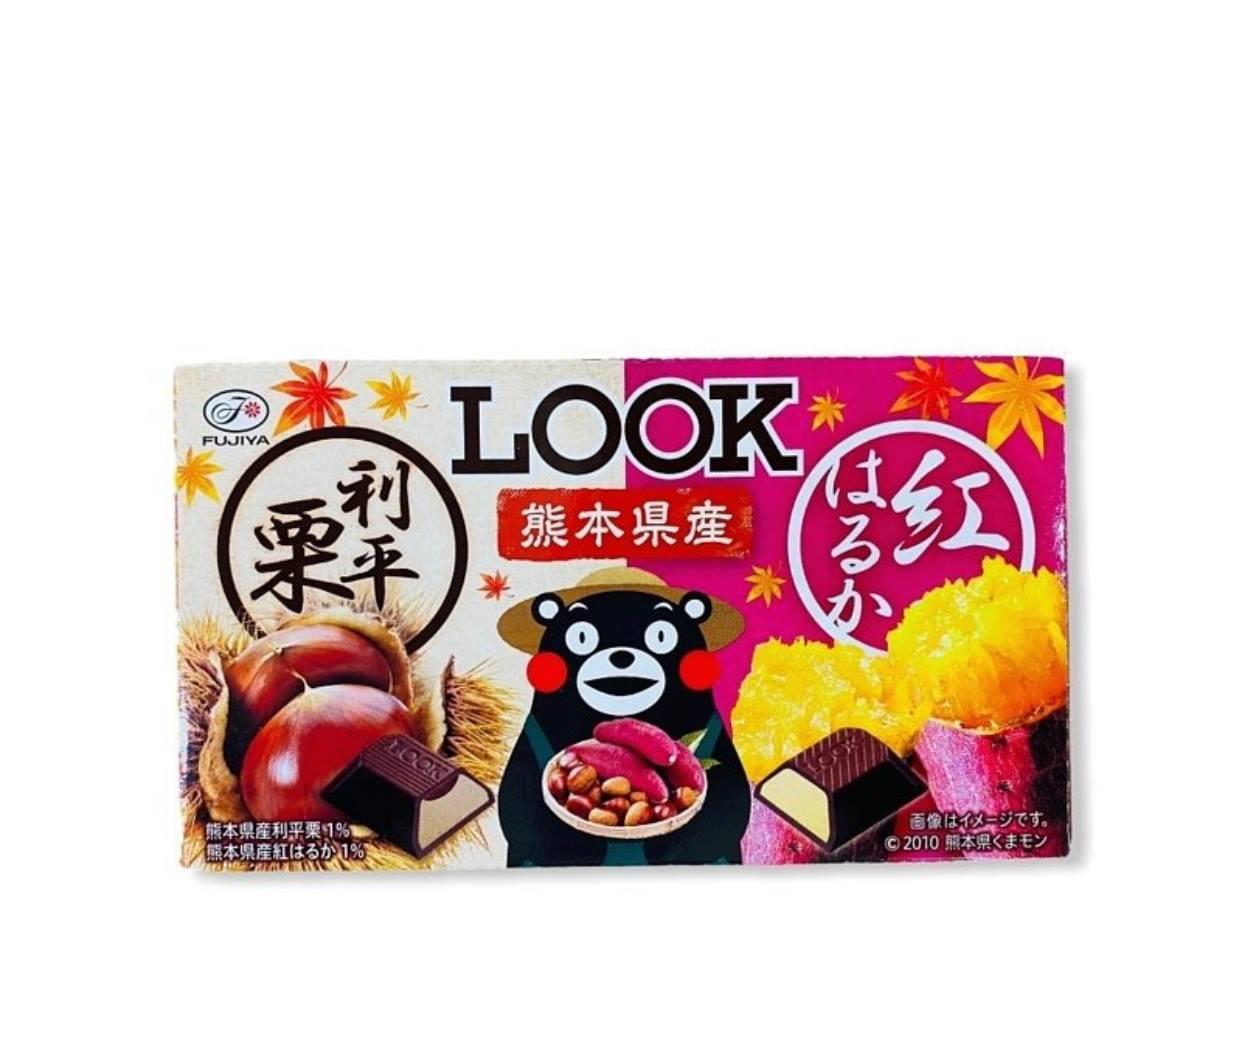 配菓配菓 PECOPECO FUJIYA不二家 LOOK熊本熊栗子地瓜雙味巧克力 44g